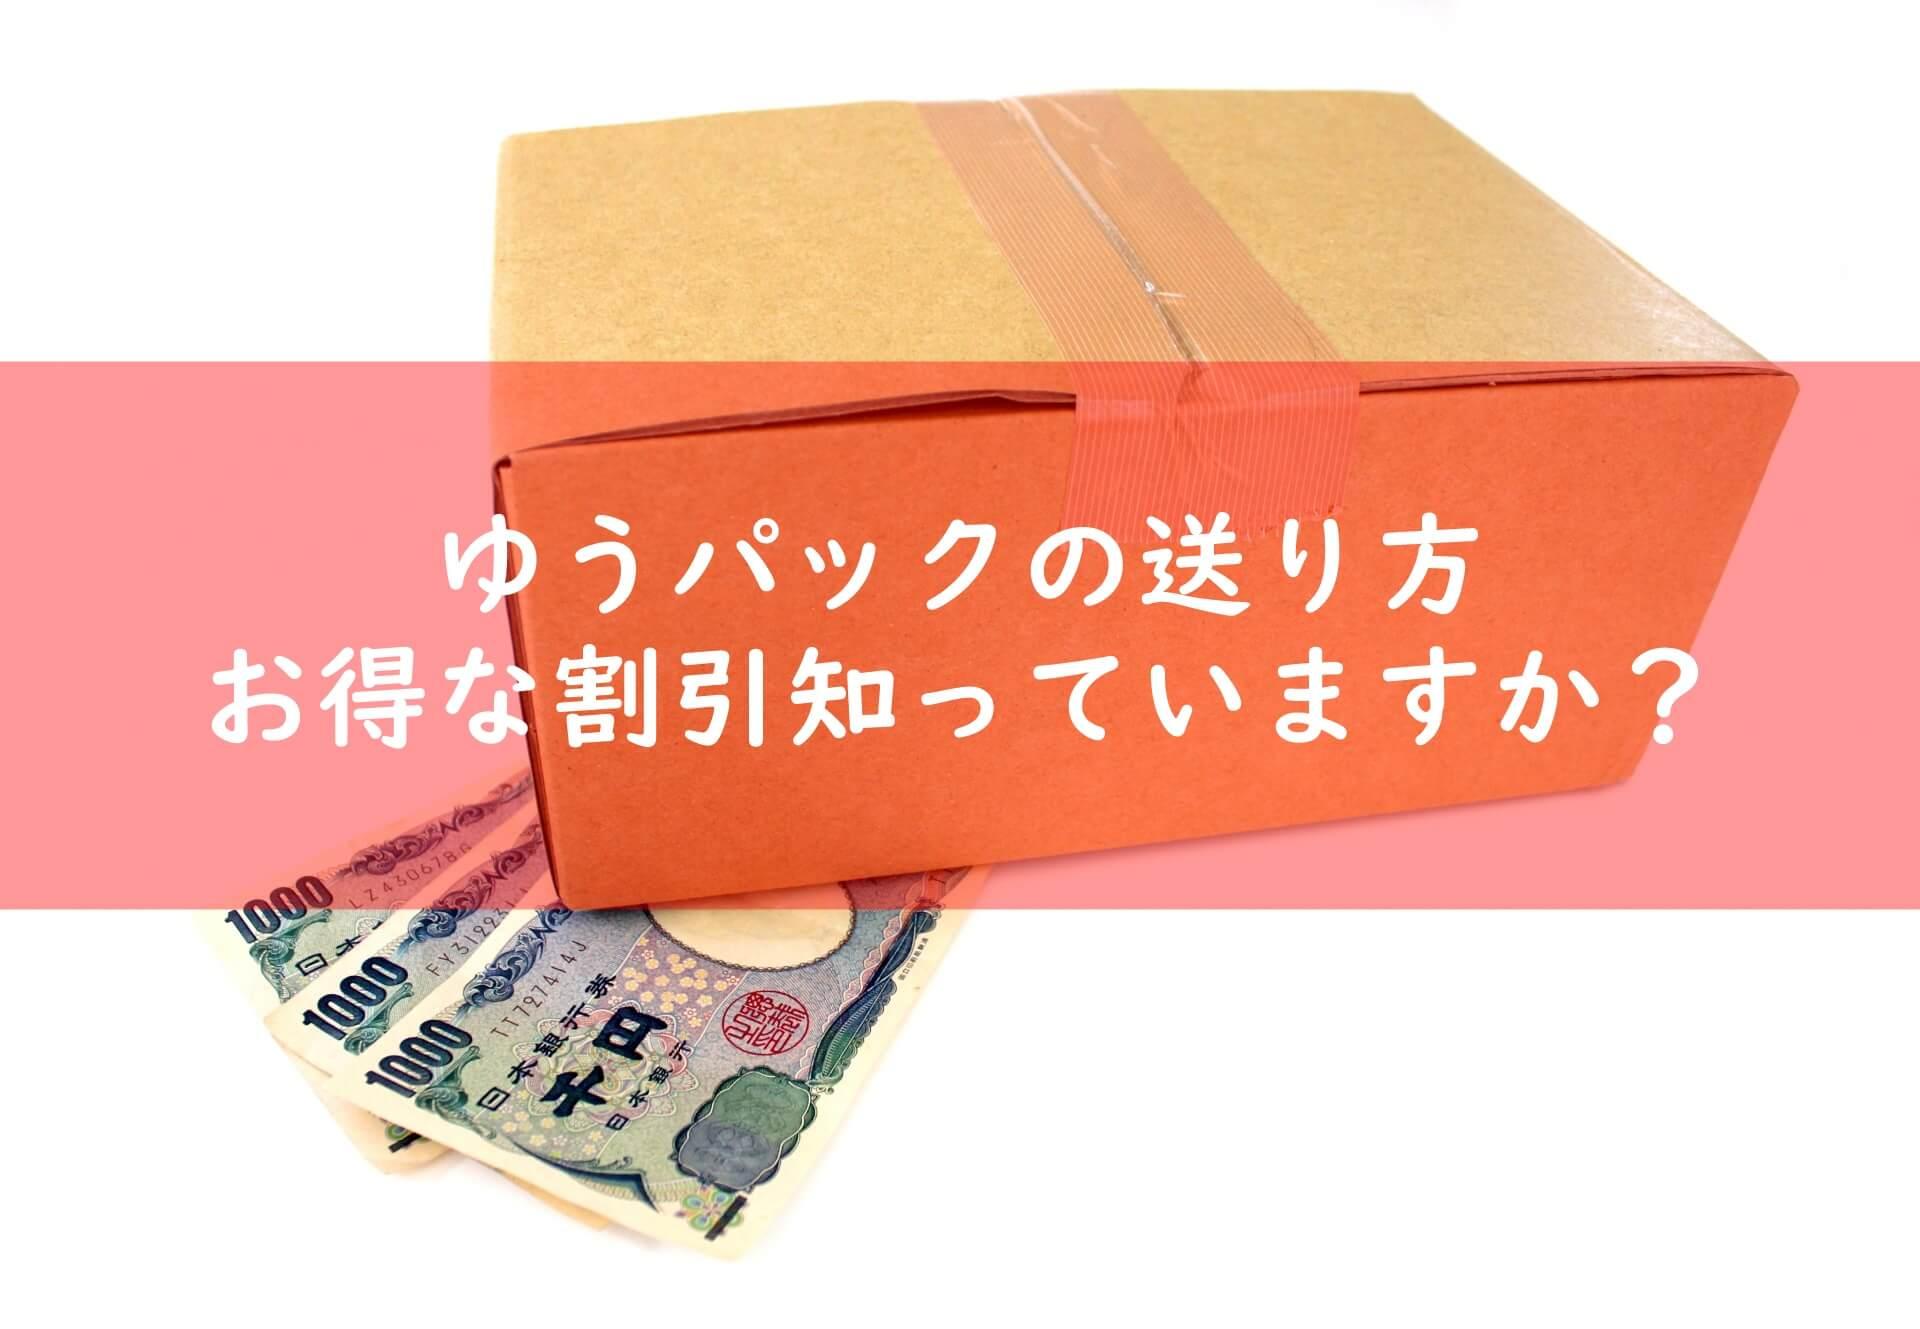 ゆう パック 出し 方 ゆうパックは普通の封筒でも送れる?もっと安い郵送方法はある?